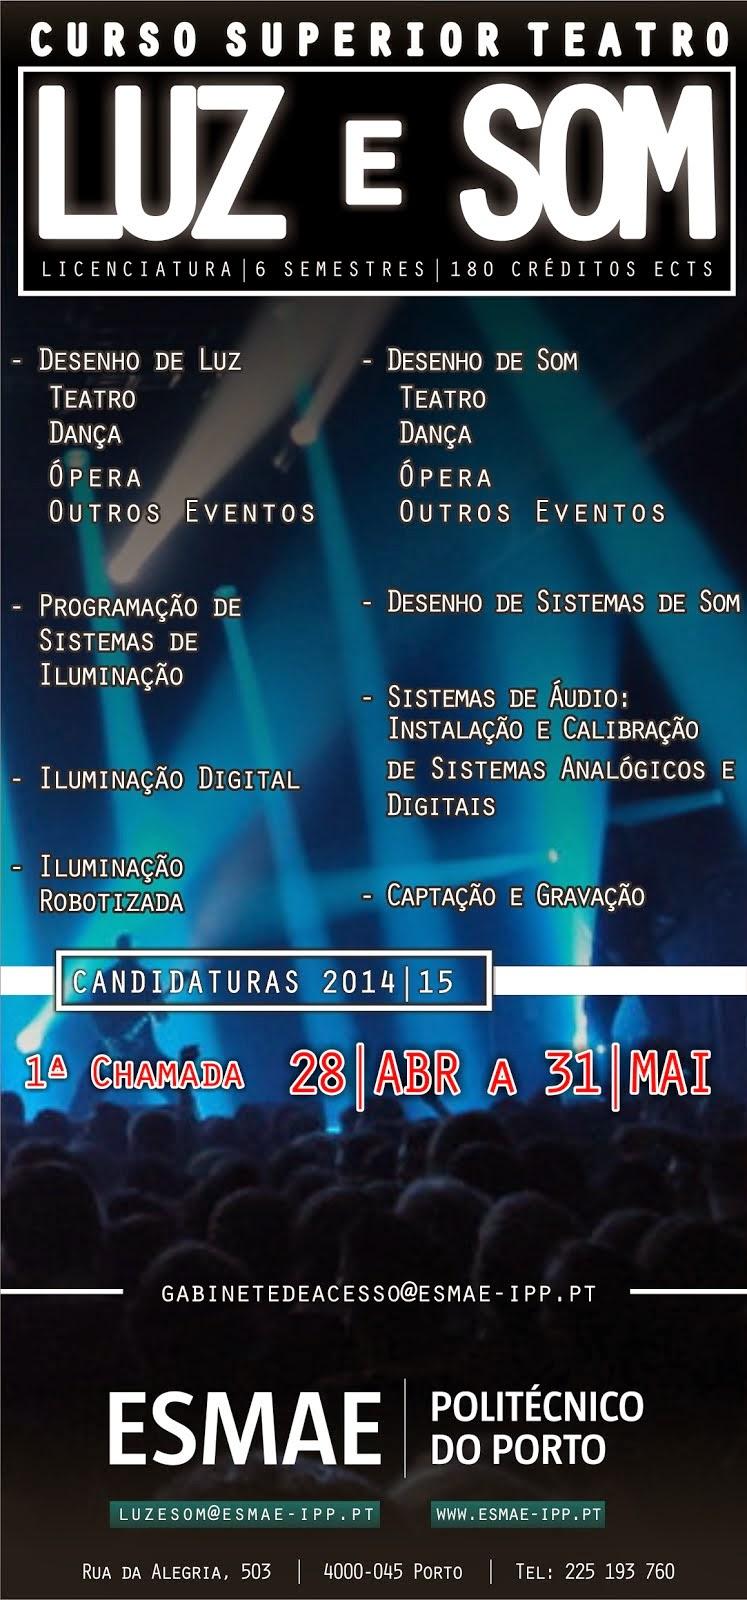 Candidaturas 2014-2015 - Licenciatura em Luz e Som